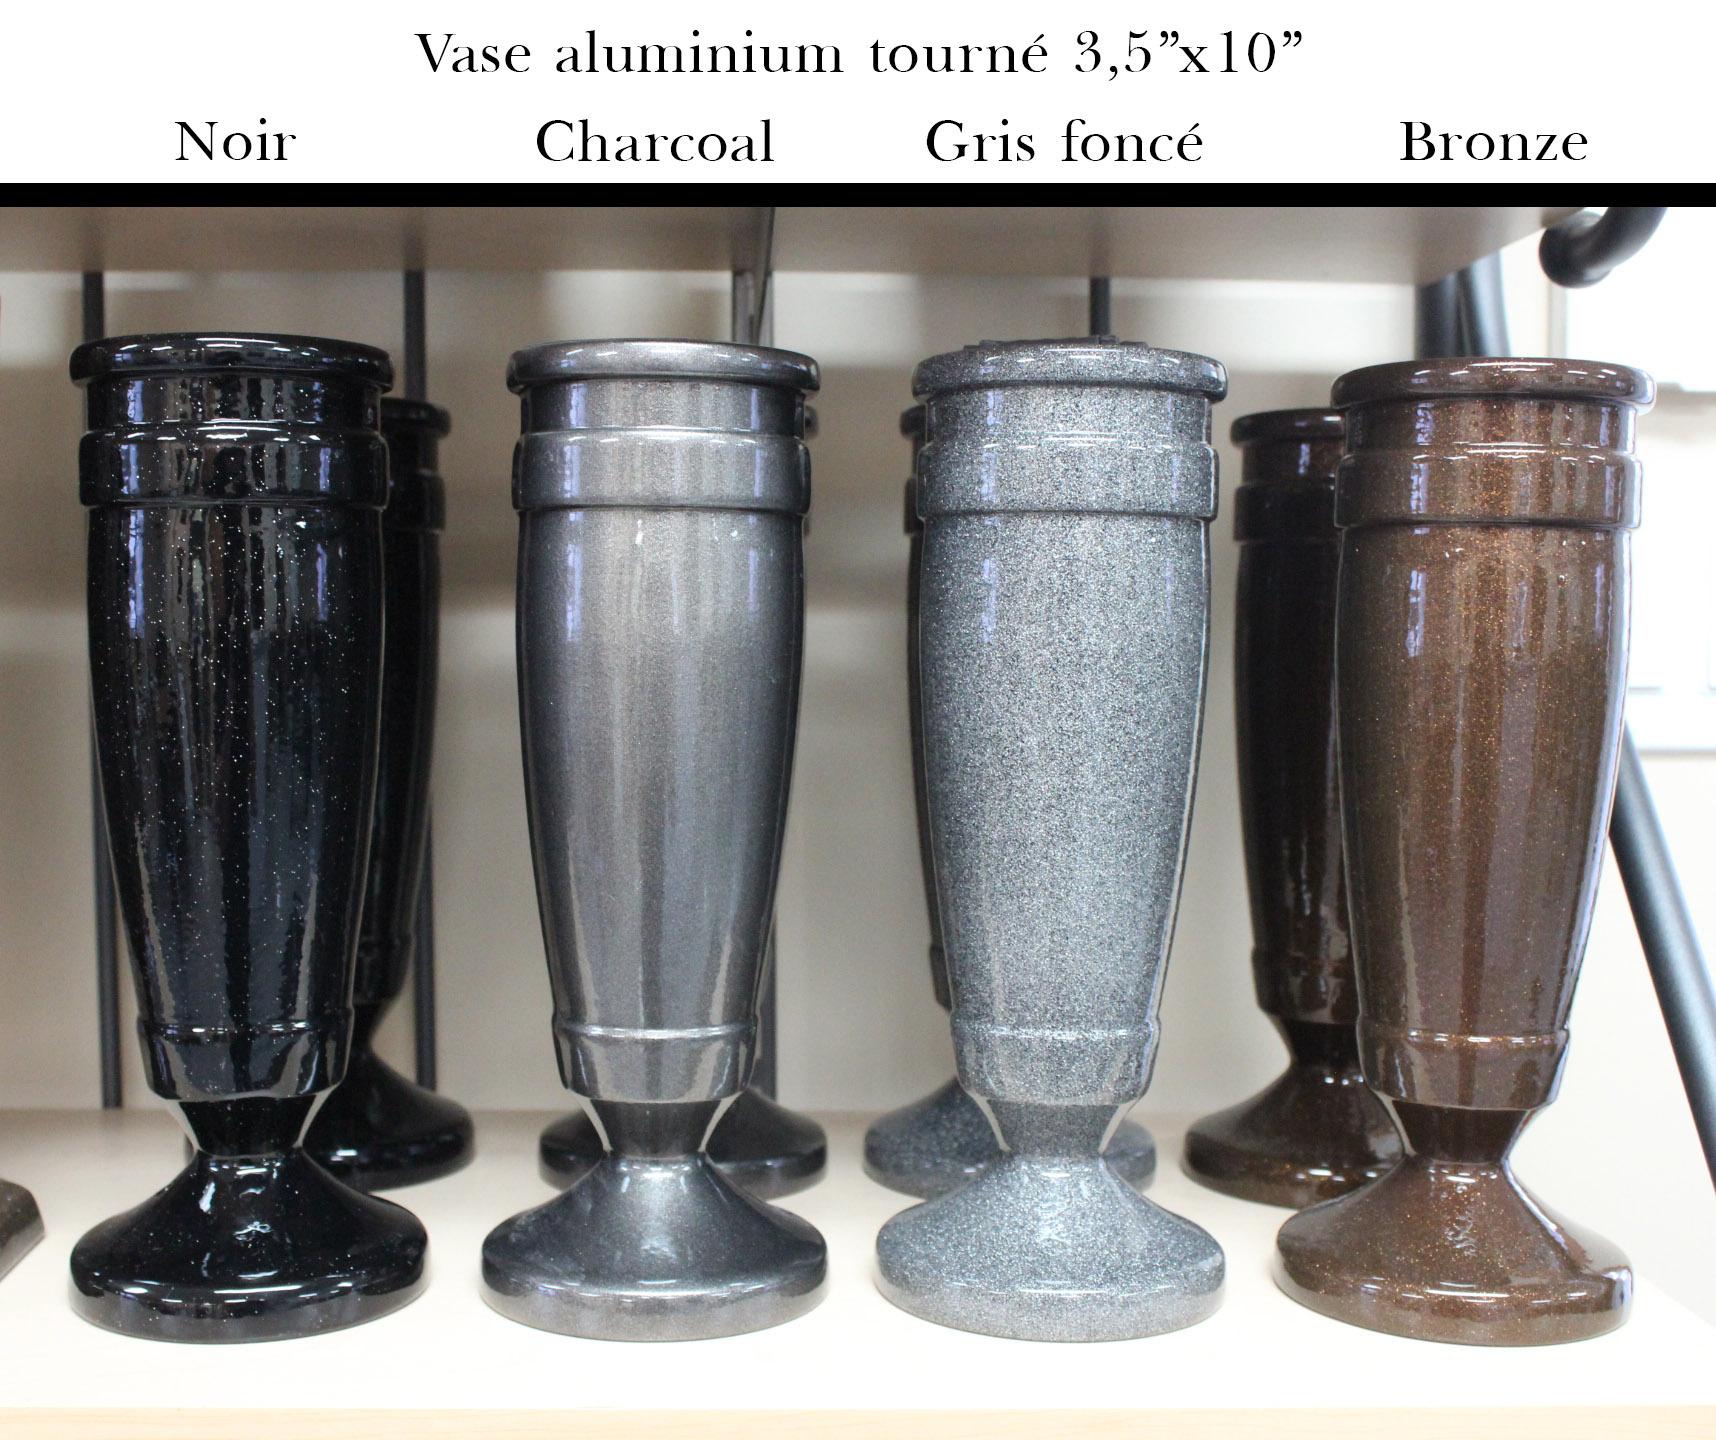 https://0901.nccdn.net/4_2/000/000/002/a32/Vase-tourn---3-5x10-1716x1440.jpg